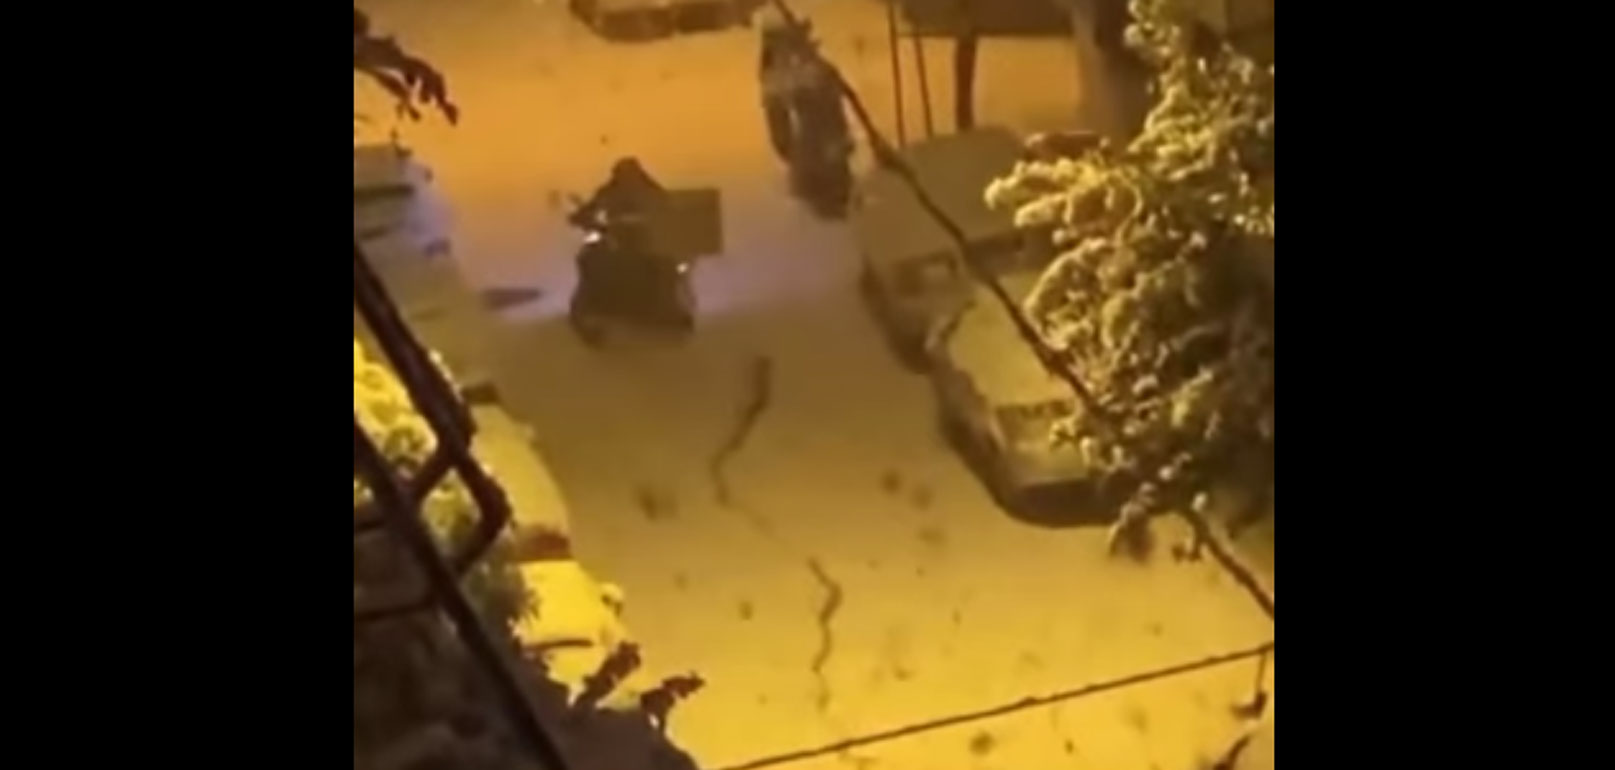 Ο delivery που πάλεψε με το χιόνι: το viral βίντεο που προκάλεσε οργή